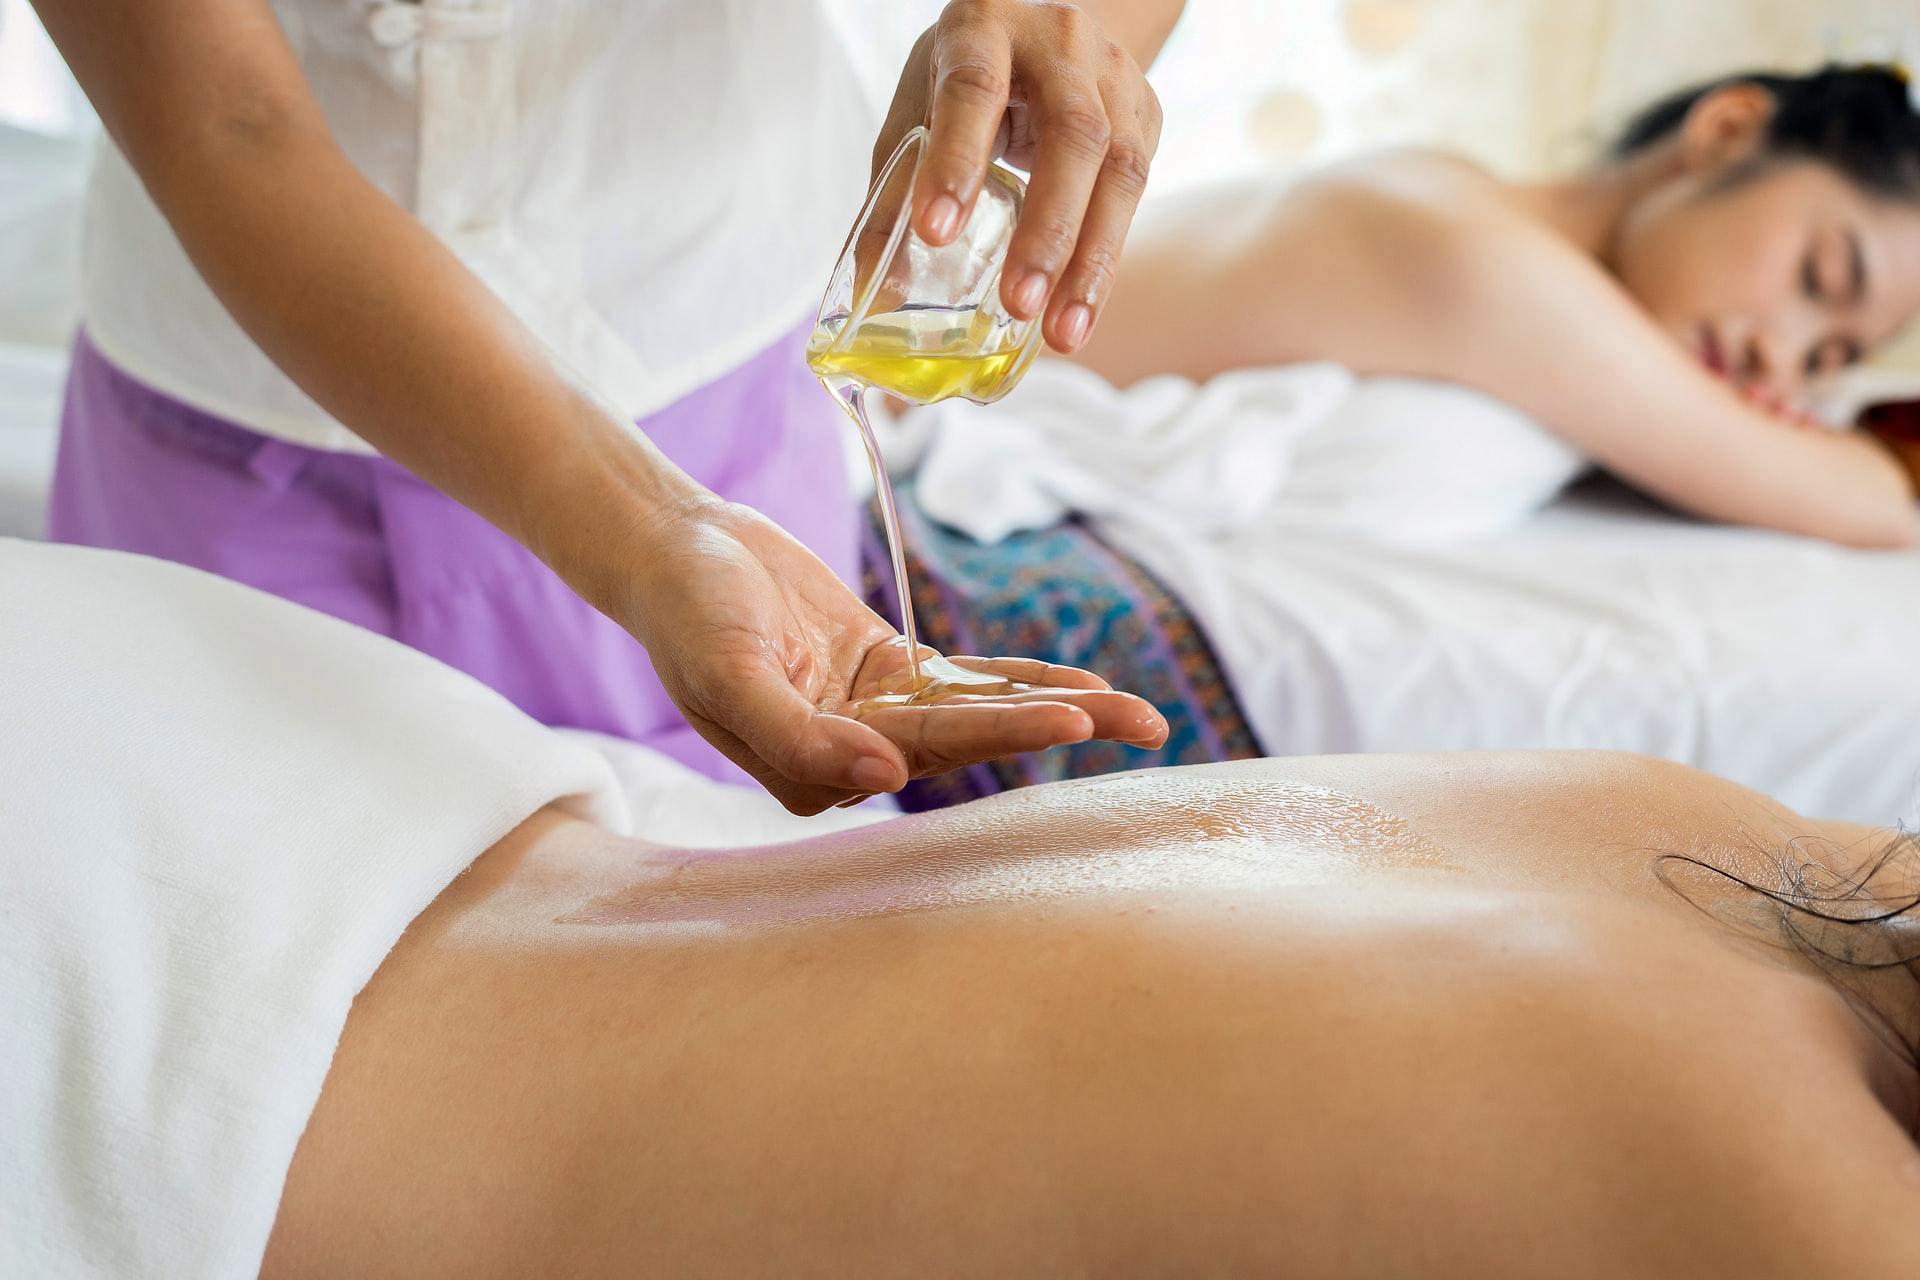 Classic Massage techniques